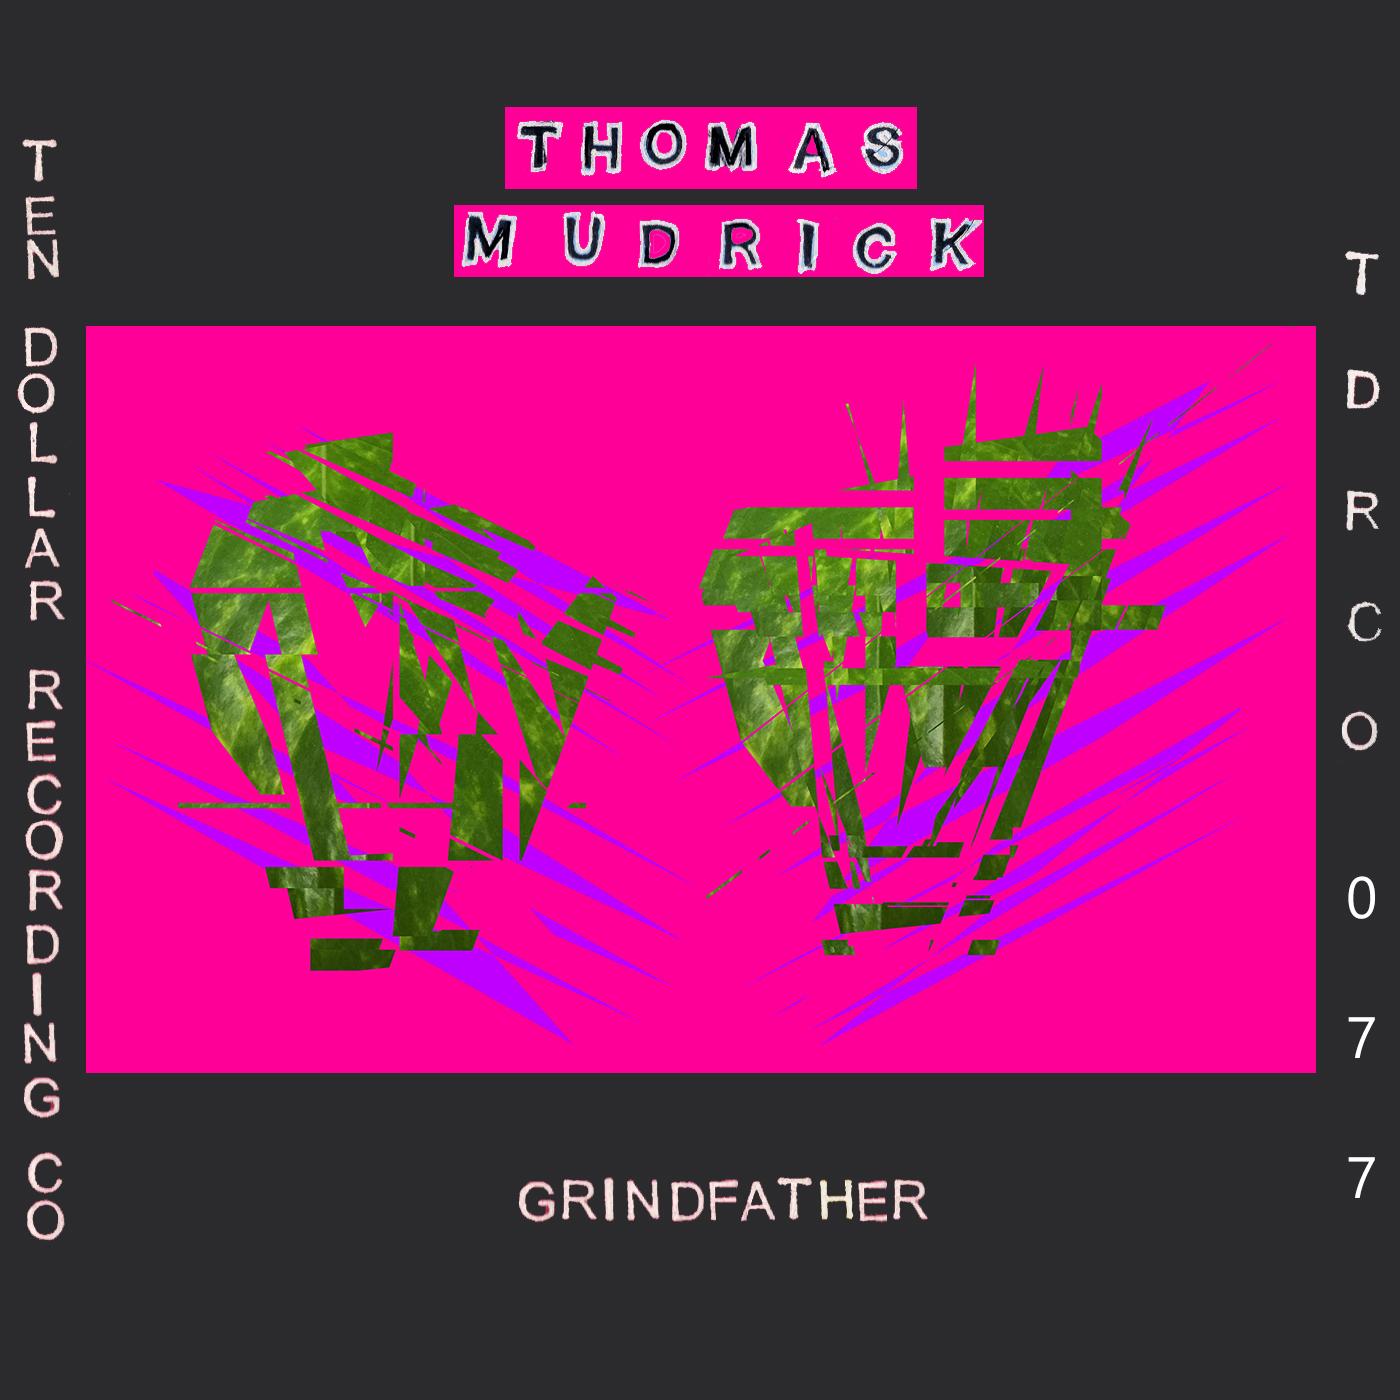 Thomas Mudrick - Grindfather (Single)